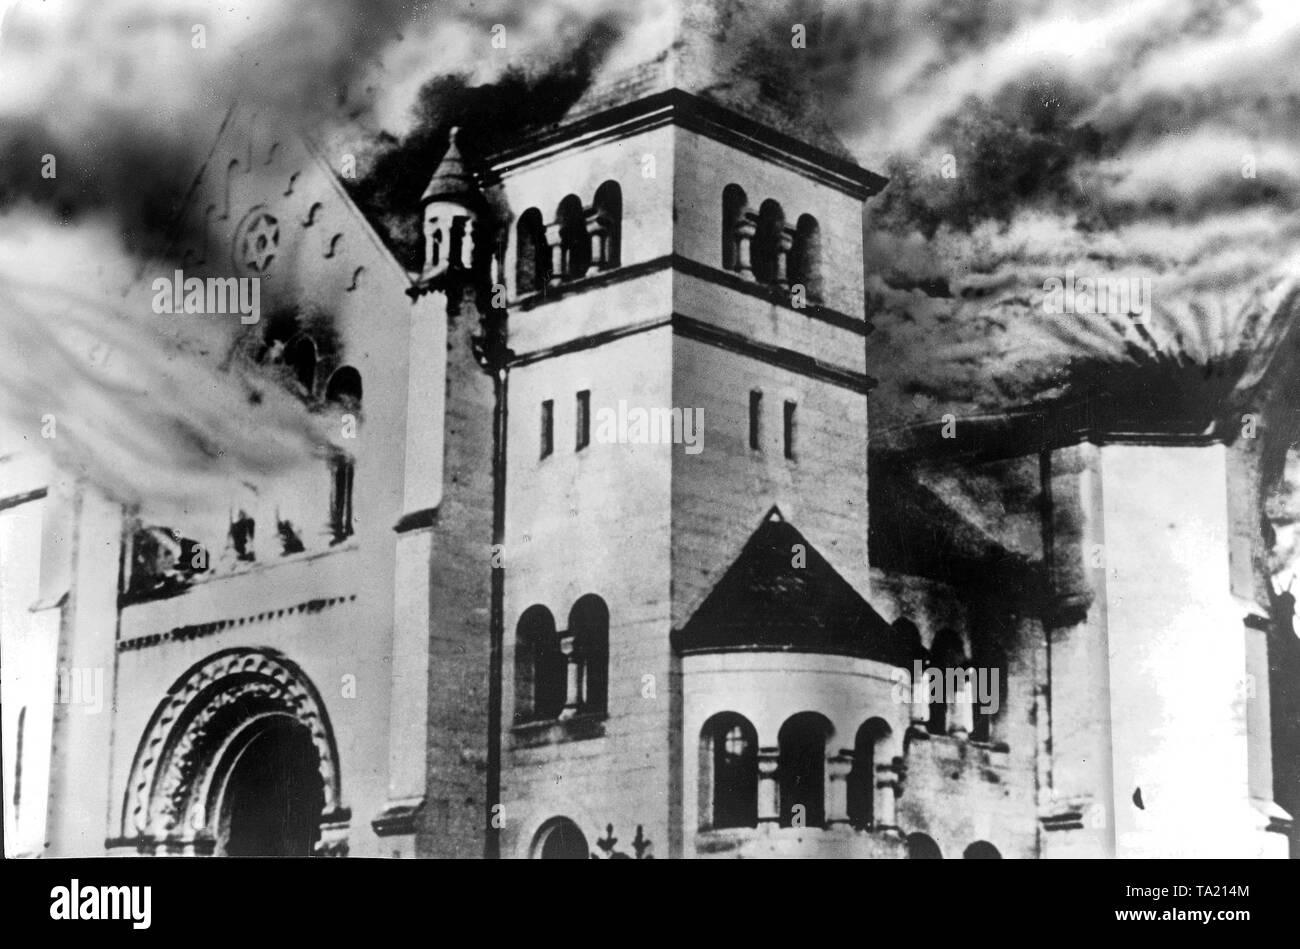 Quema de una sinagoga, durante la Kristallnacht, Baden-Baden, 9 de noviembre de 1938 (fotografía en B/N) Imagen De Stock